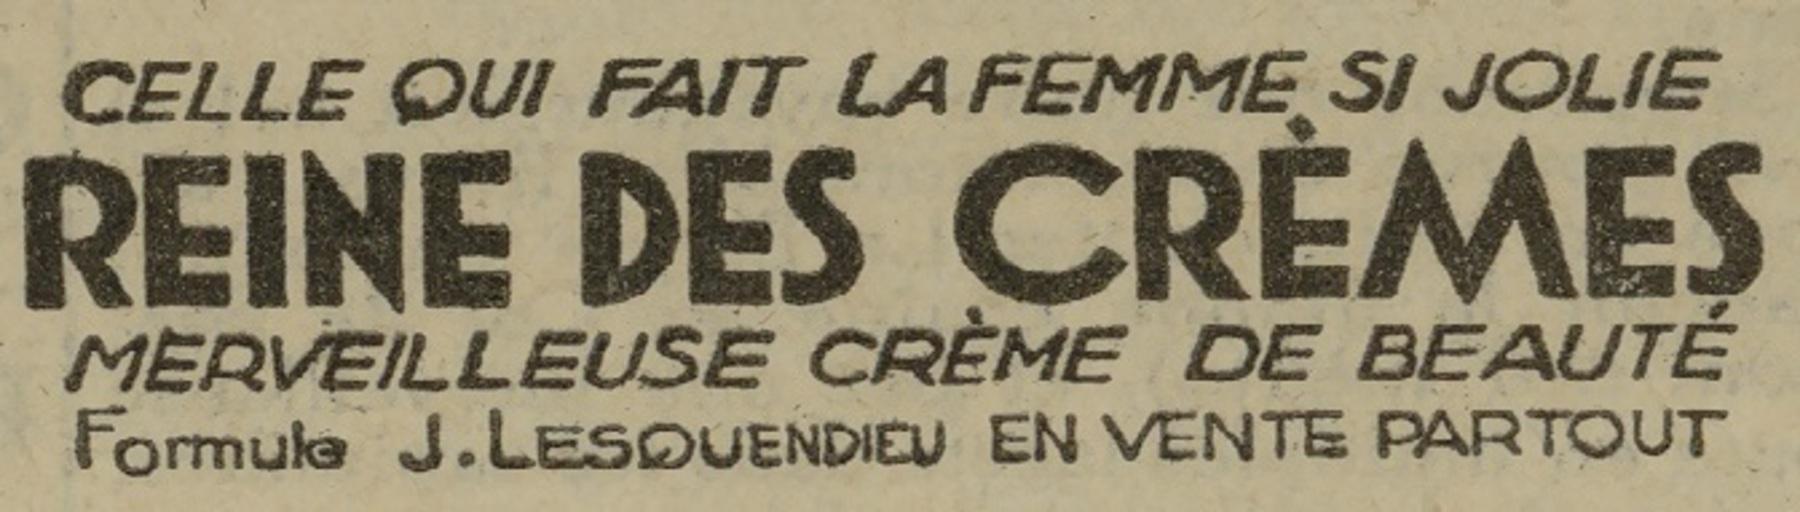 Contenu du Reine des crèmes